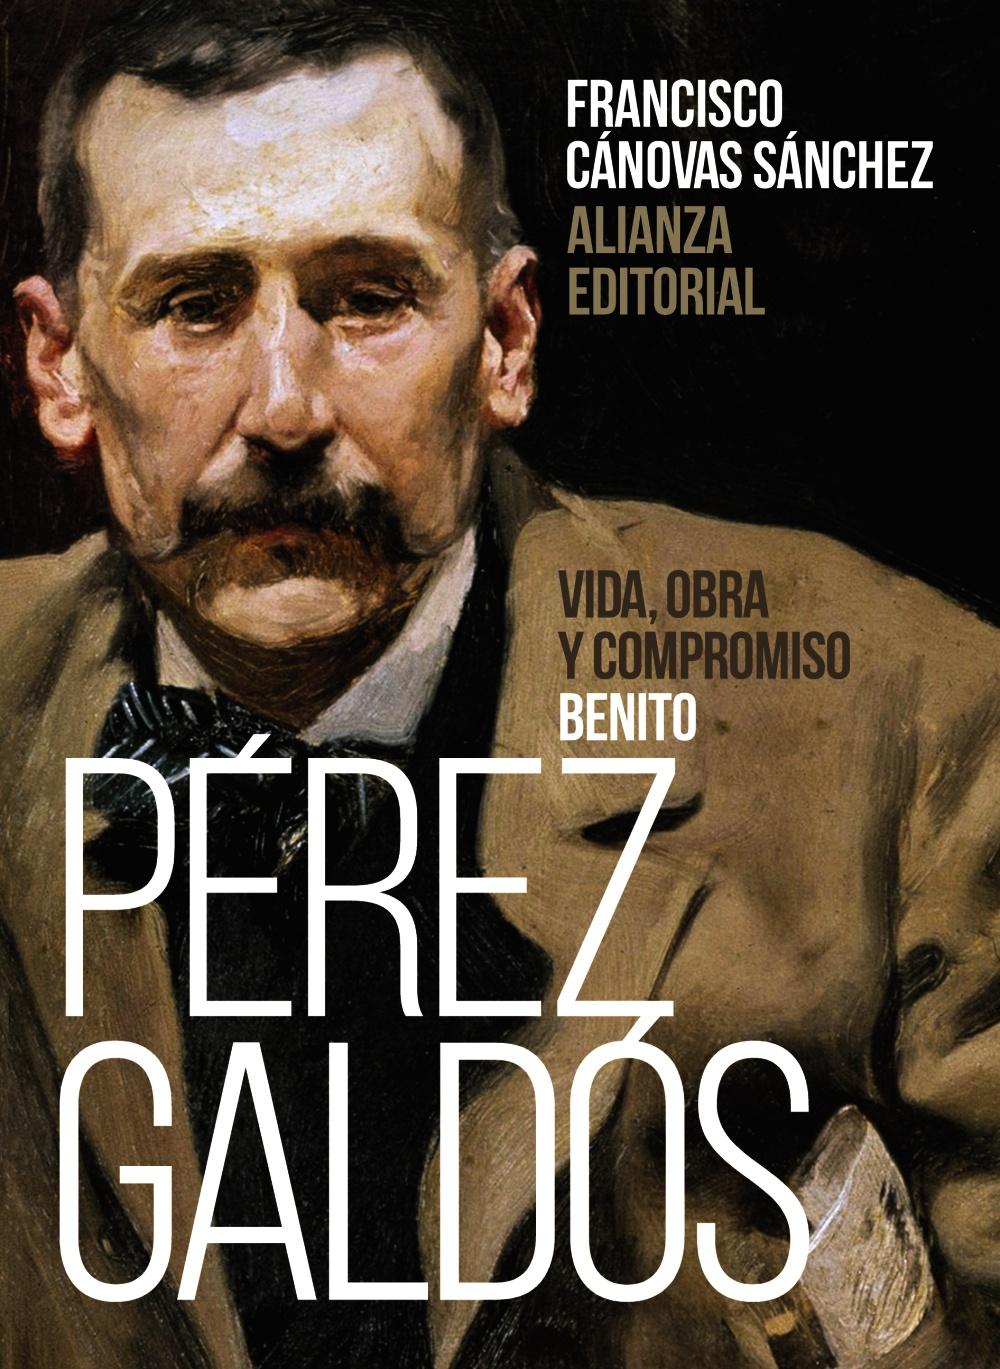 Benito Pérez Galdós: Vida, obra y compromiso - Alianza Editorial